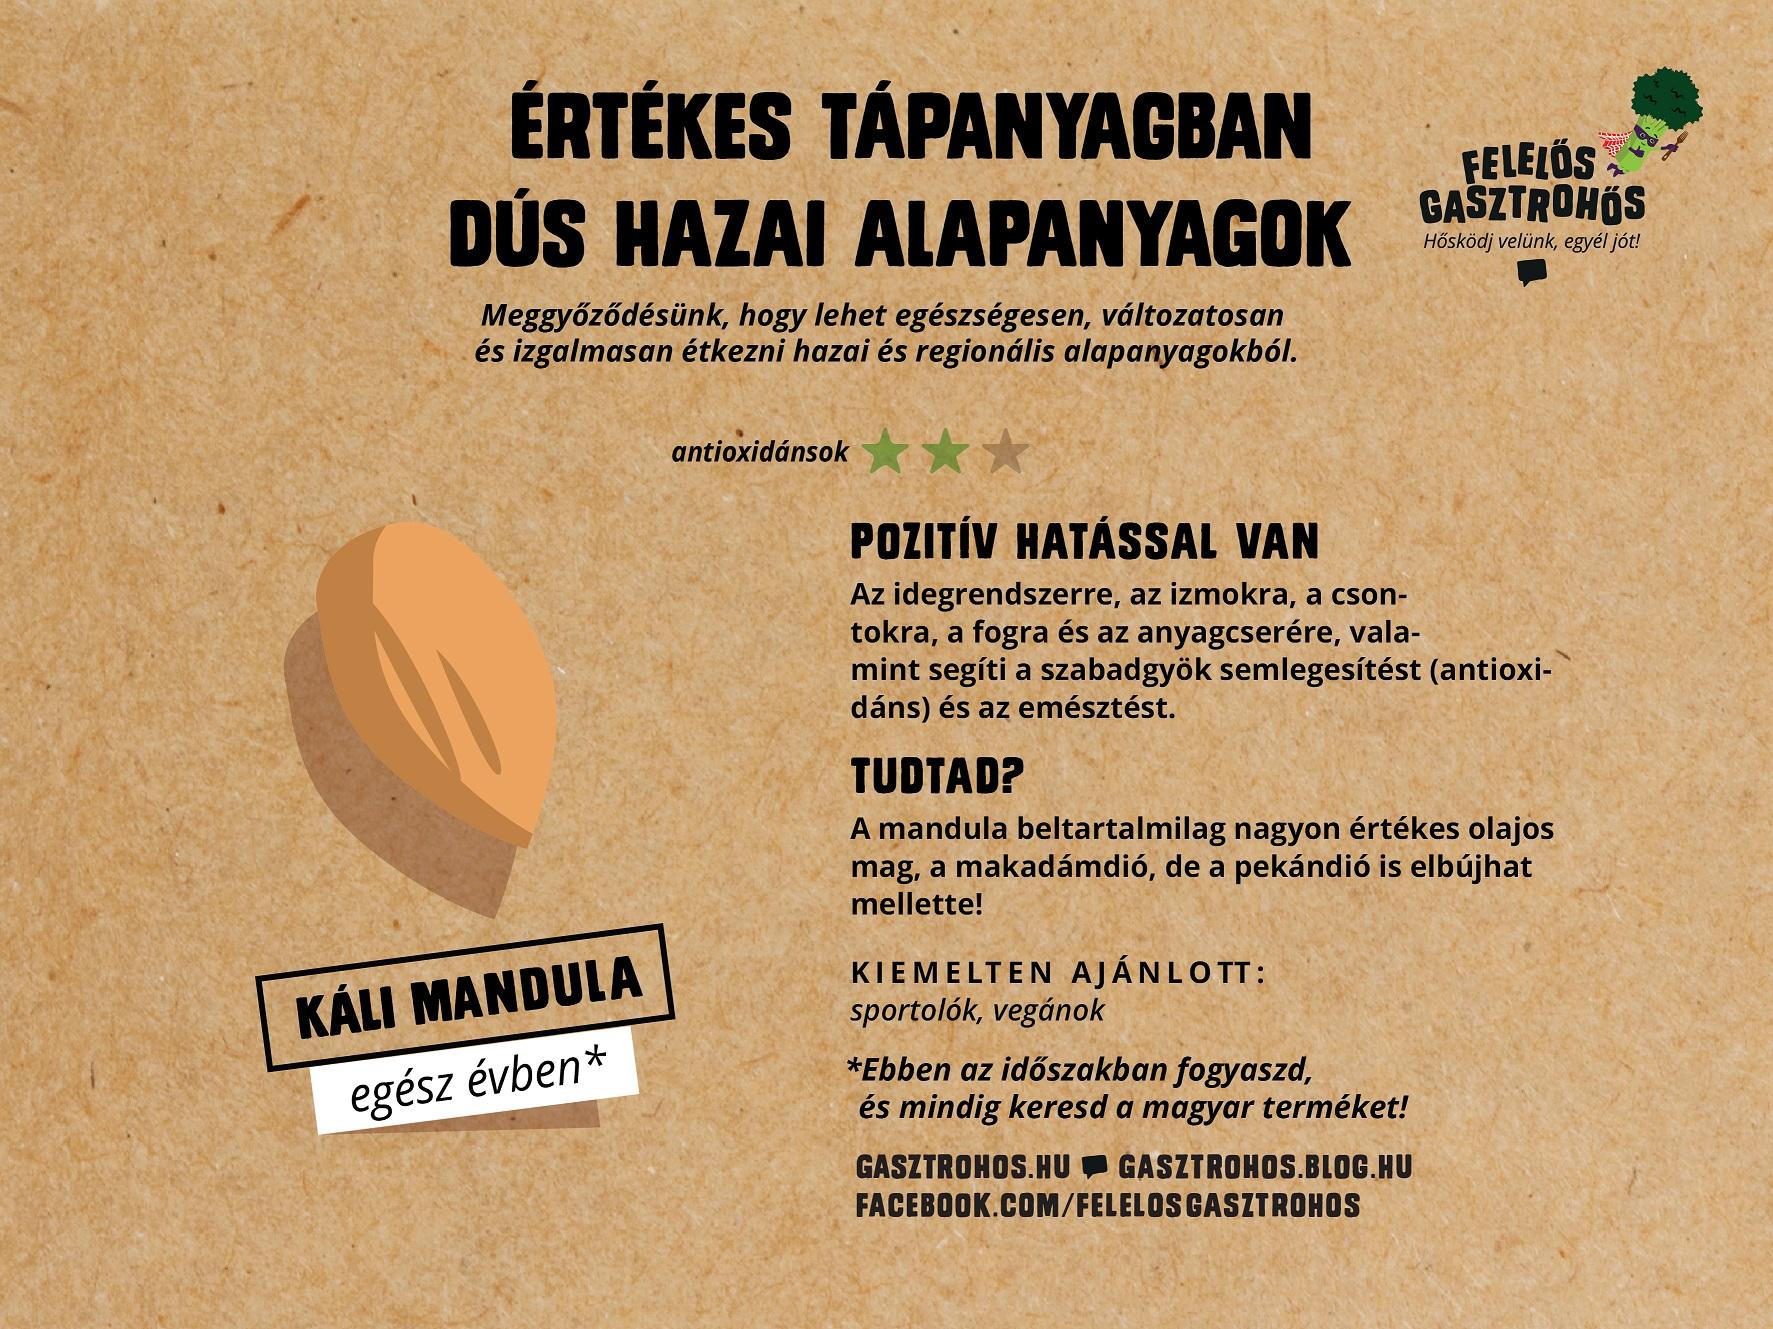 gasztrohos-superfood-kis-superfoodok-infografika-facebook-03.jpg